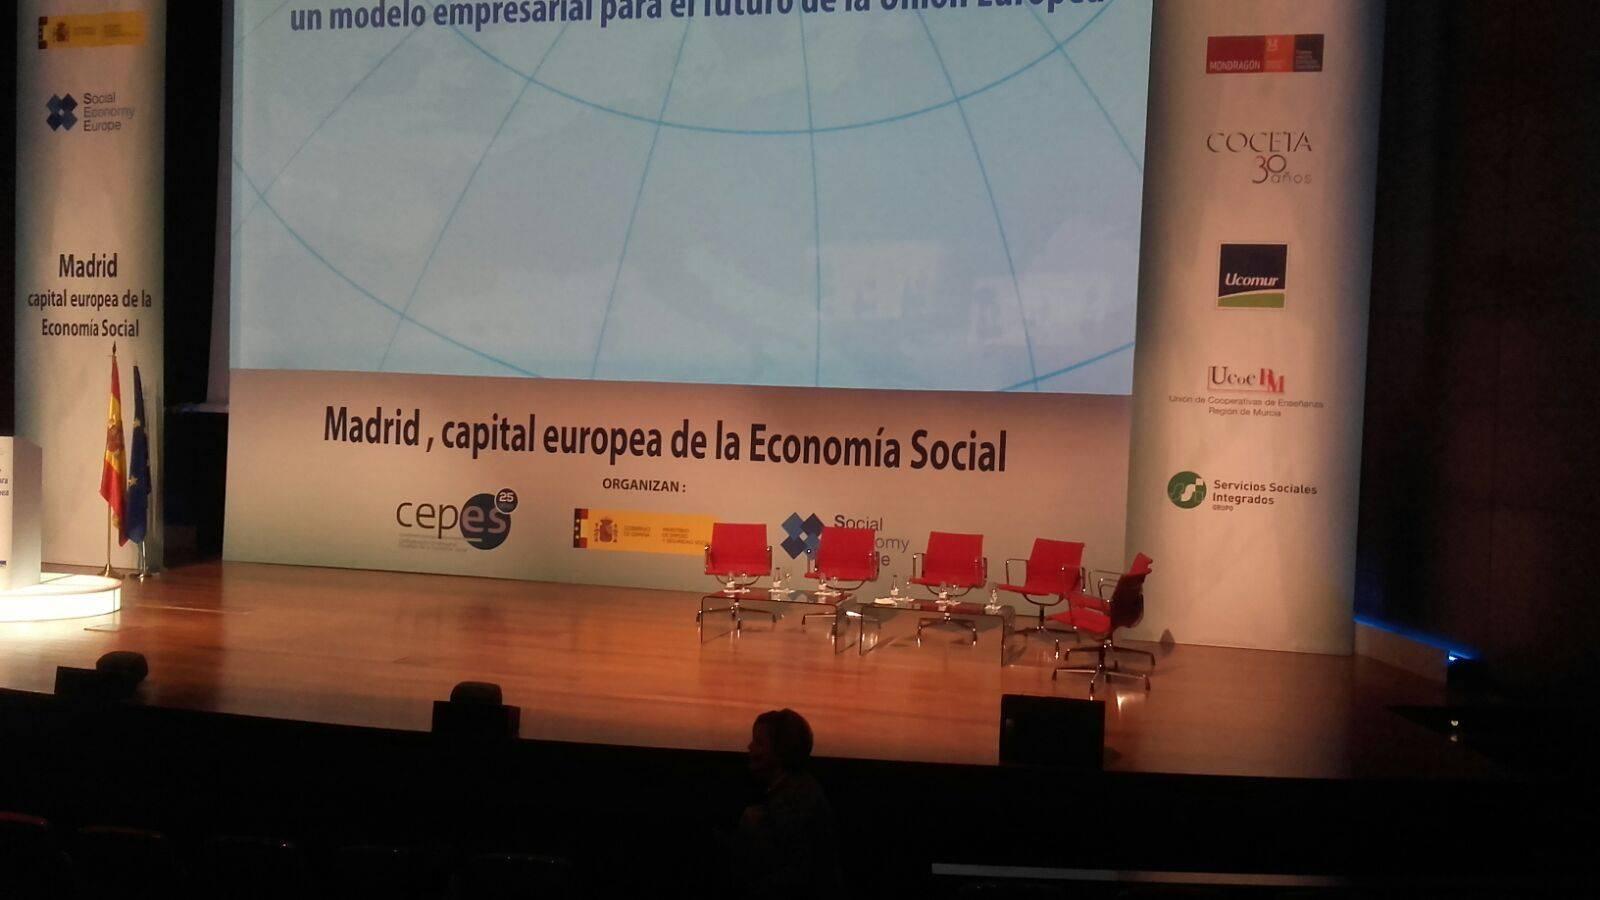 madrid capital europea economia social - El herenciano Juan Ramón Tajuelo en la Conferencia Europea de Economía Social representando a Uctacam